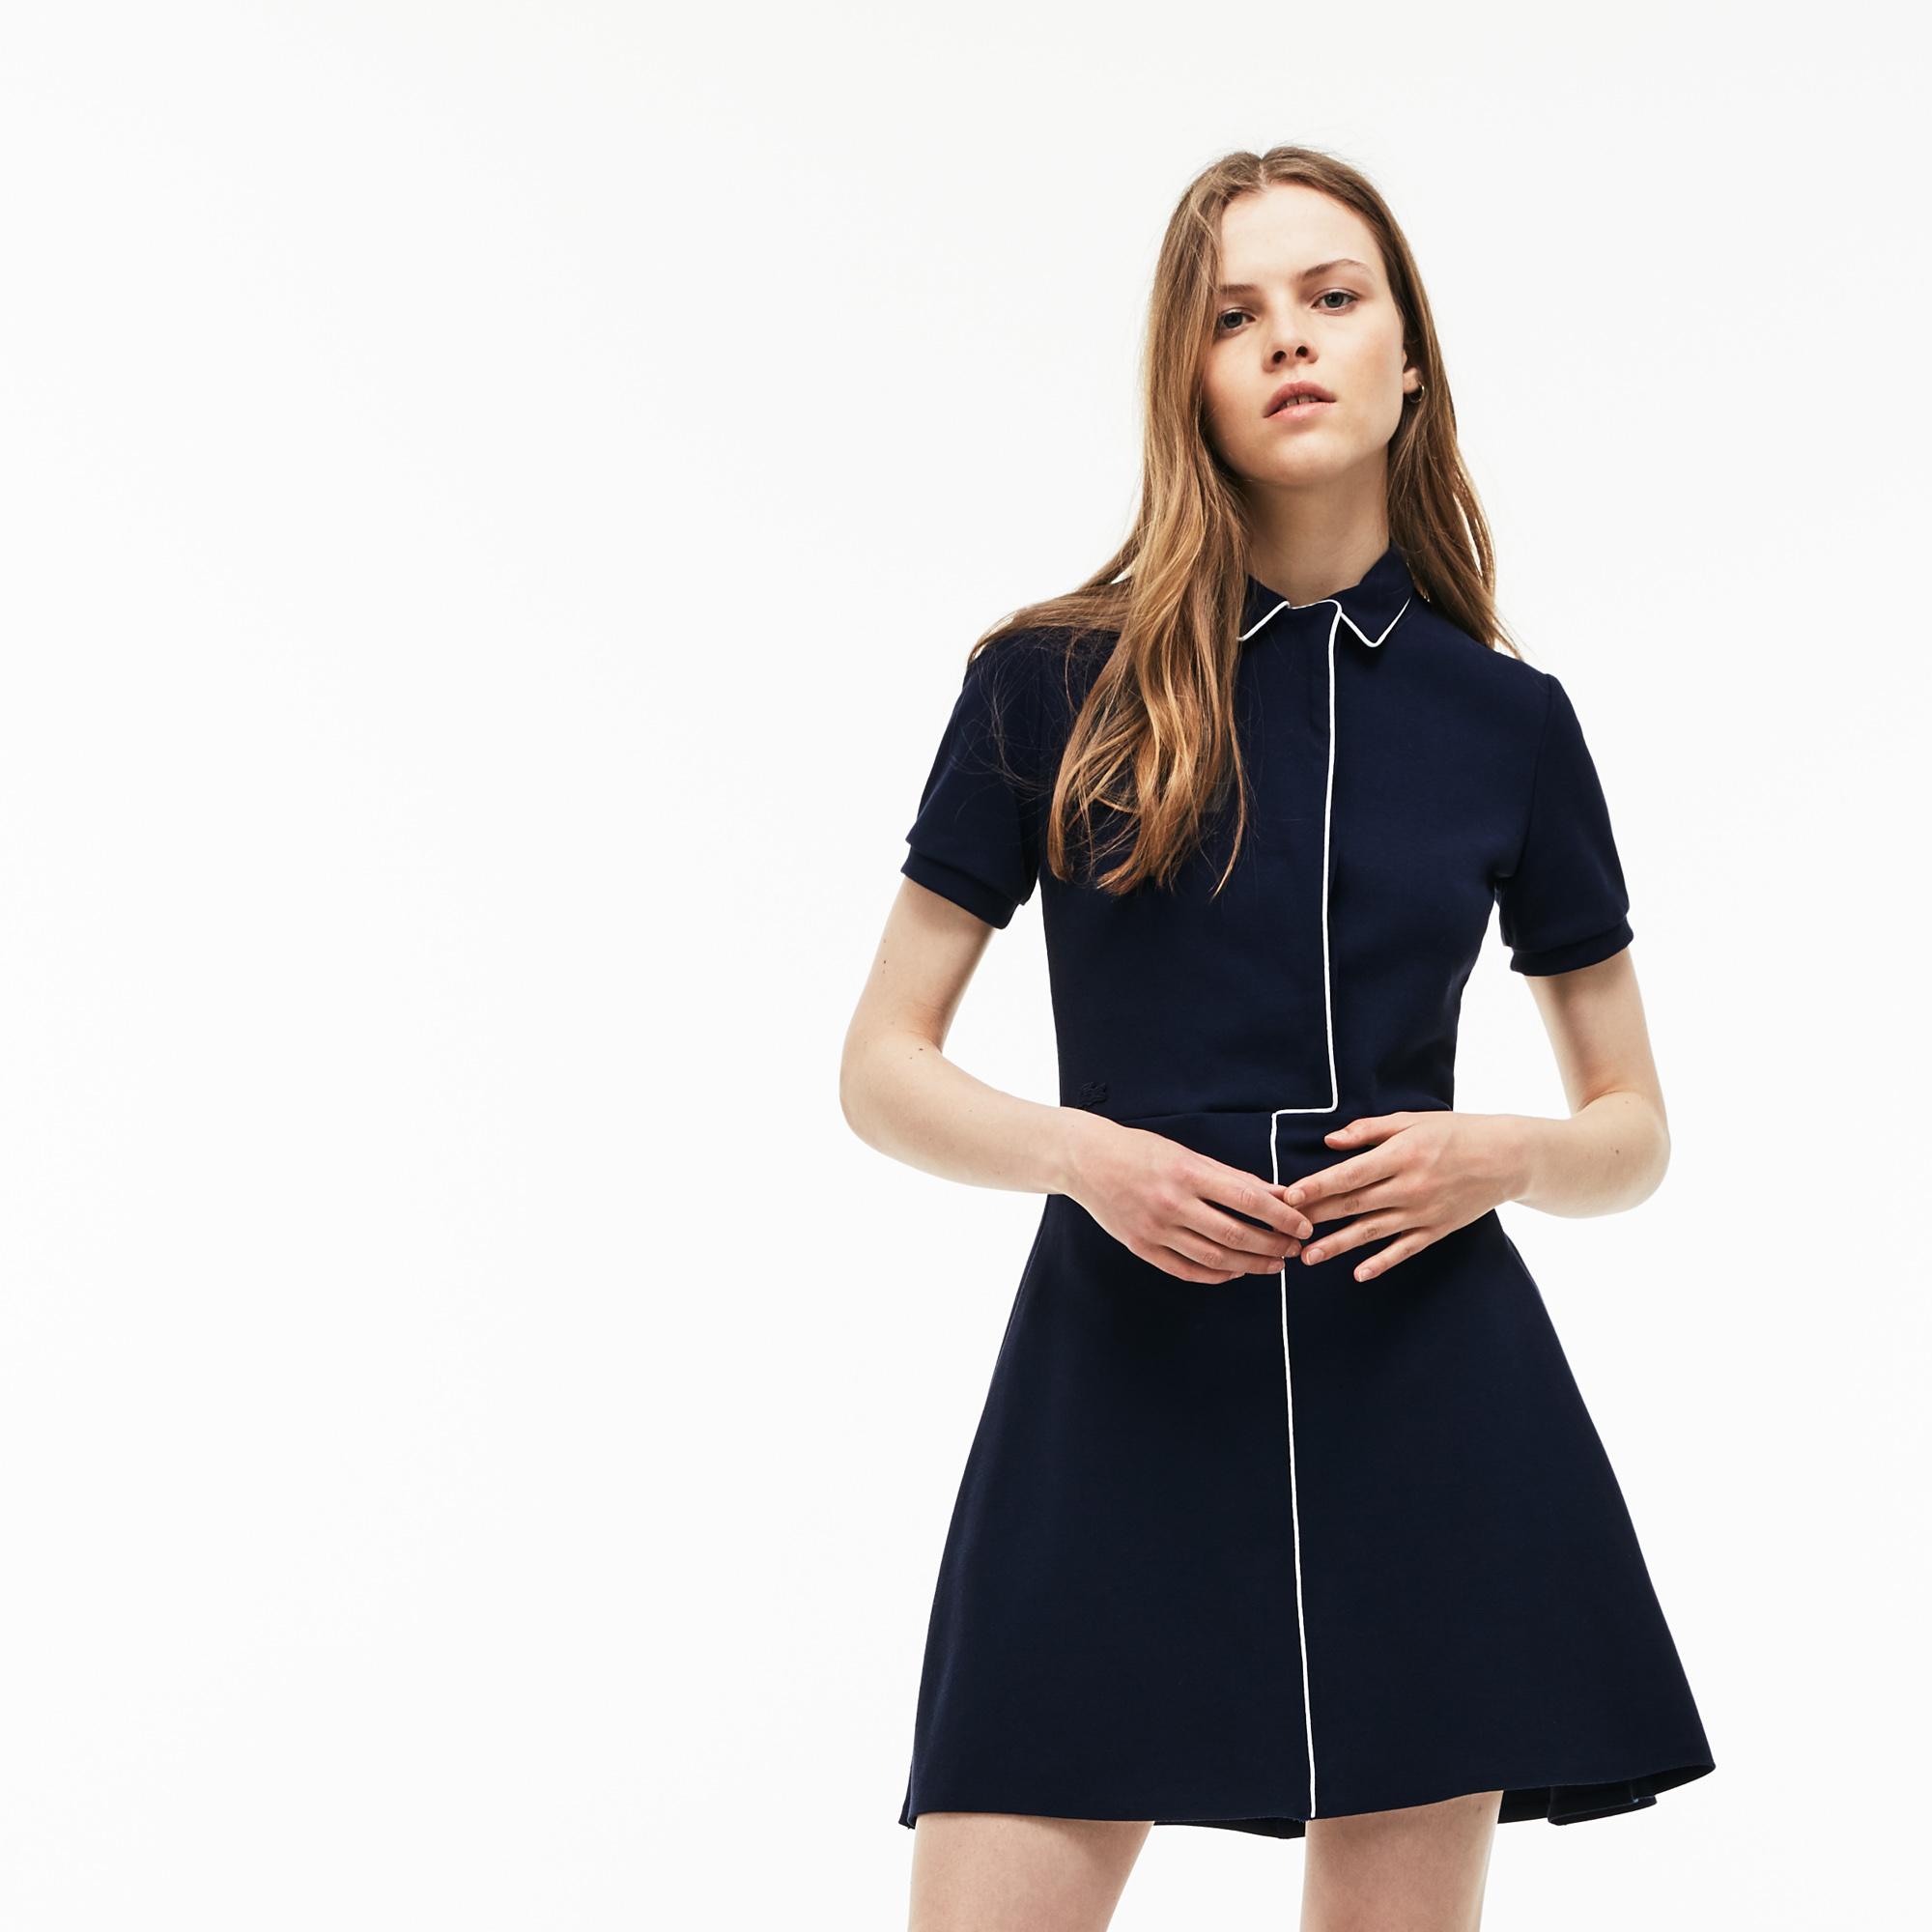 Фото 4 - Женское платье Lacoste темно-синего цвета